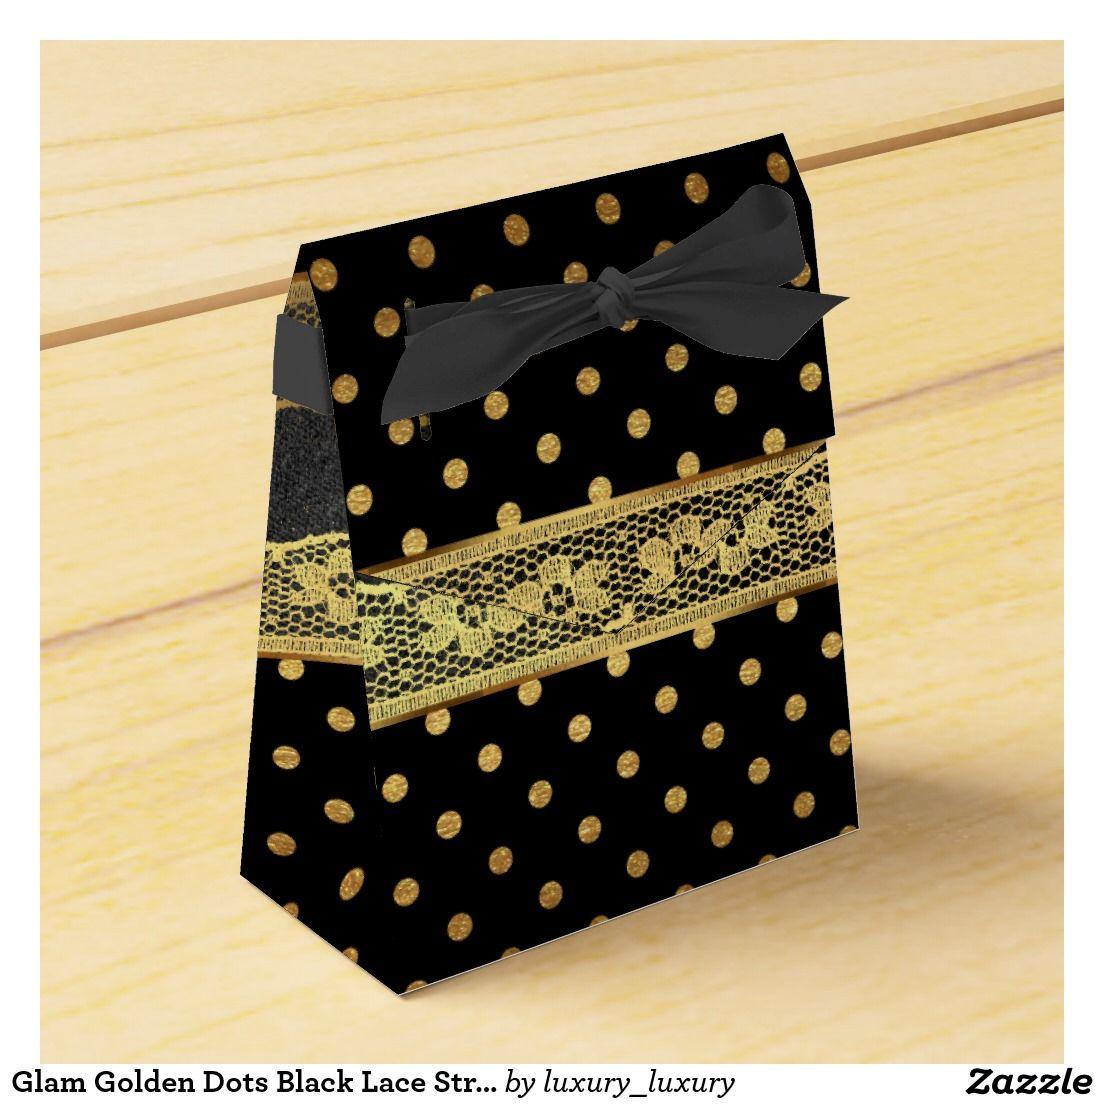 Glam Golden Dots Black Lace Stripes Party Favour Boxes